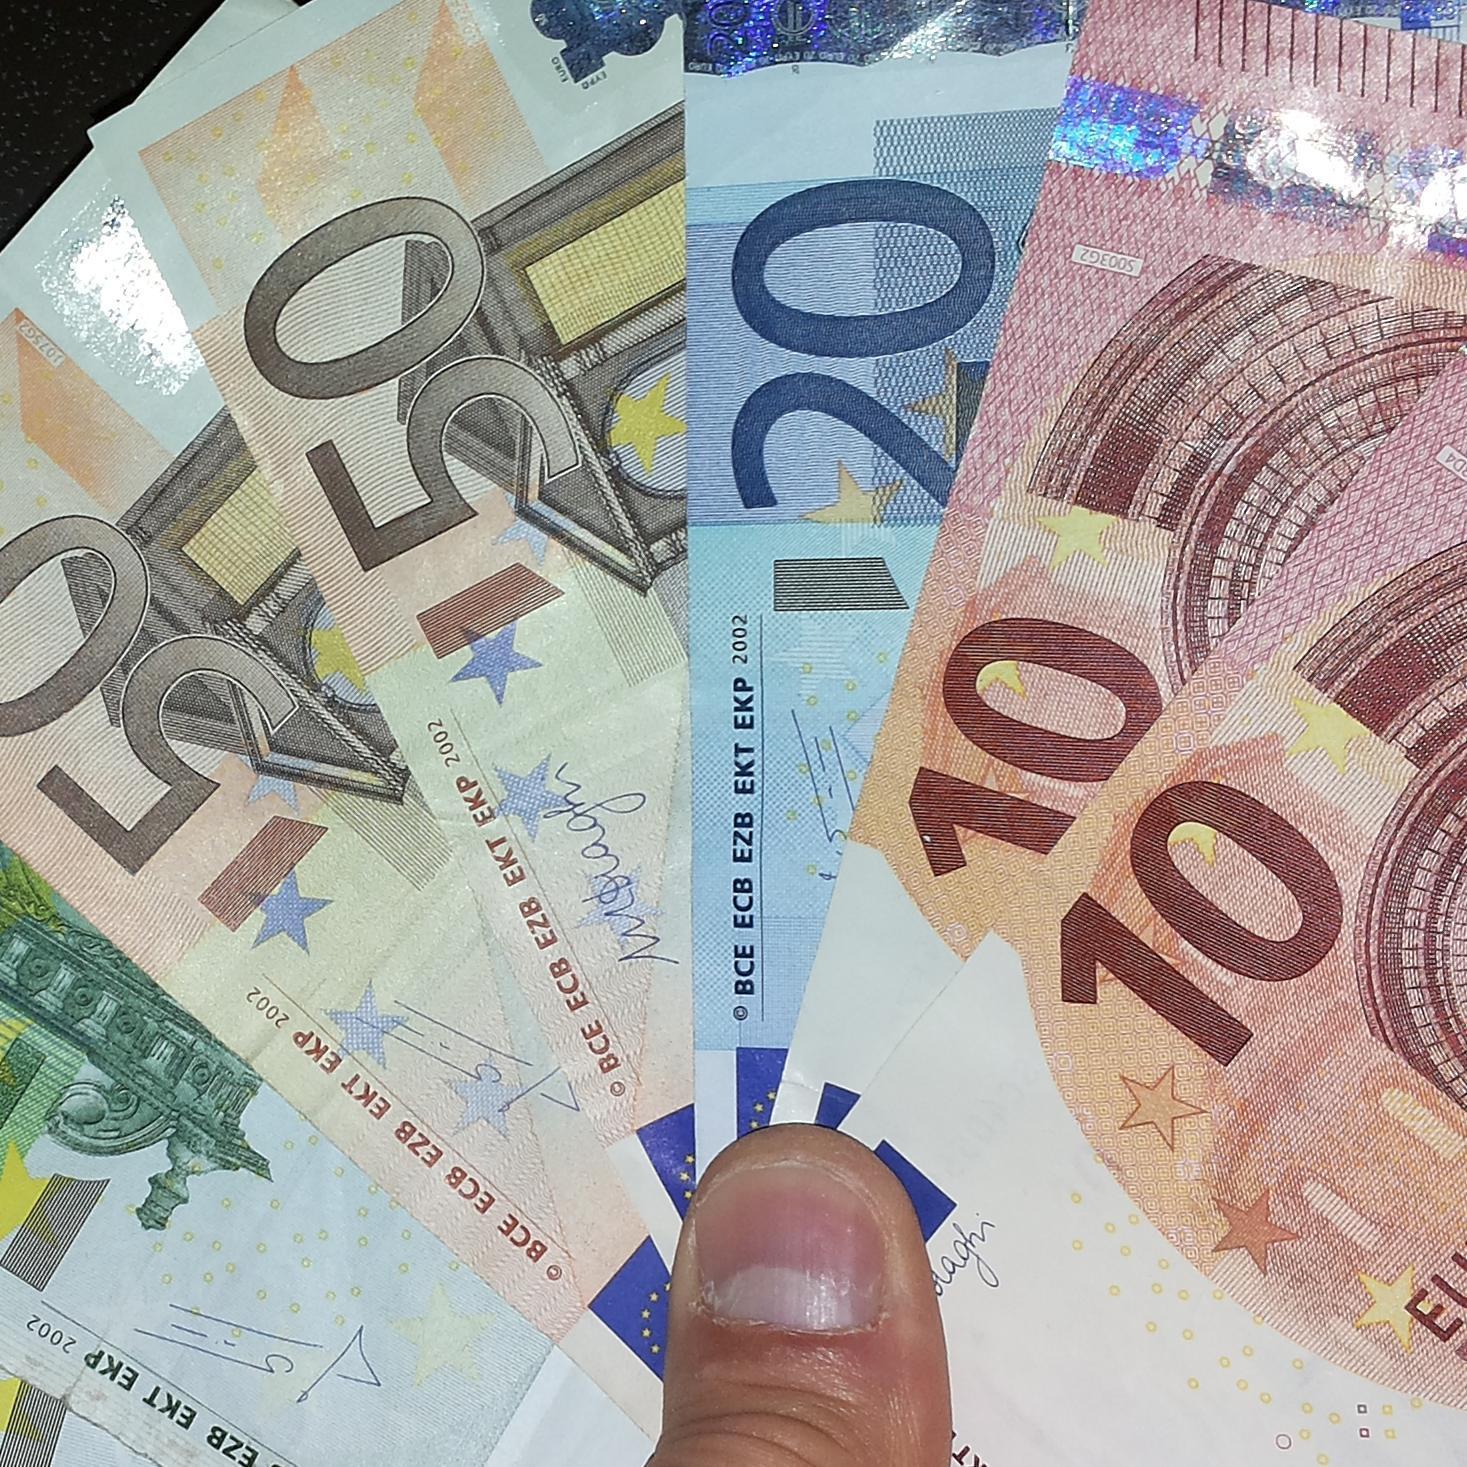 EURO RISPARMIO €Euro (@eurorisparmio) | Twitter